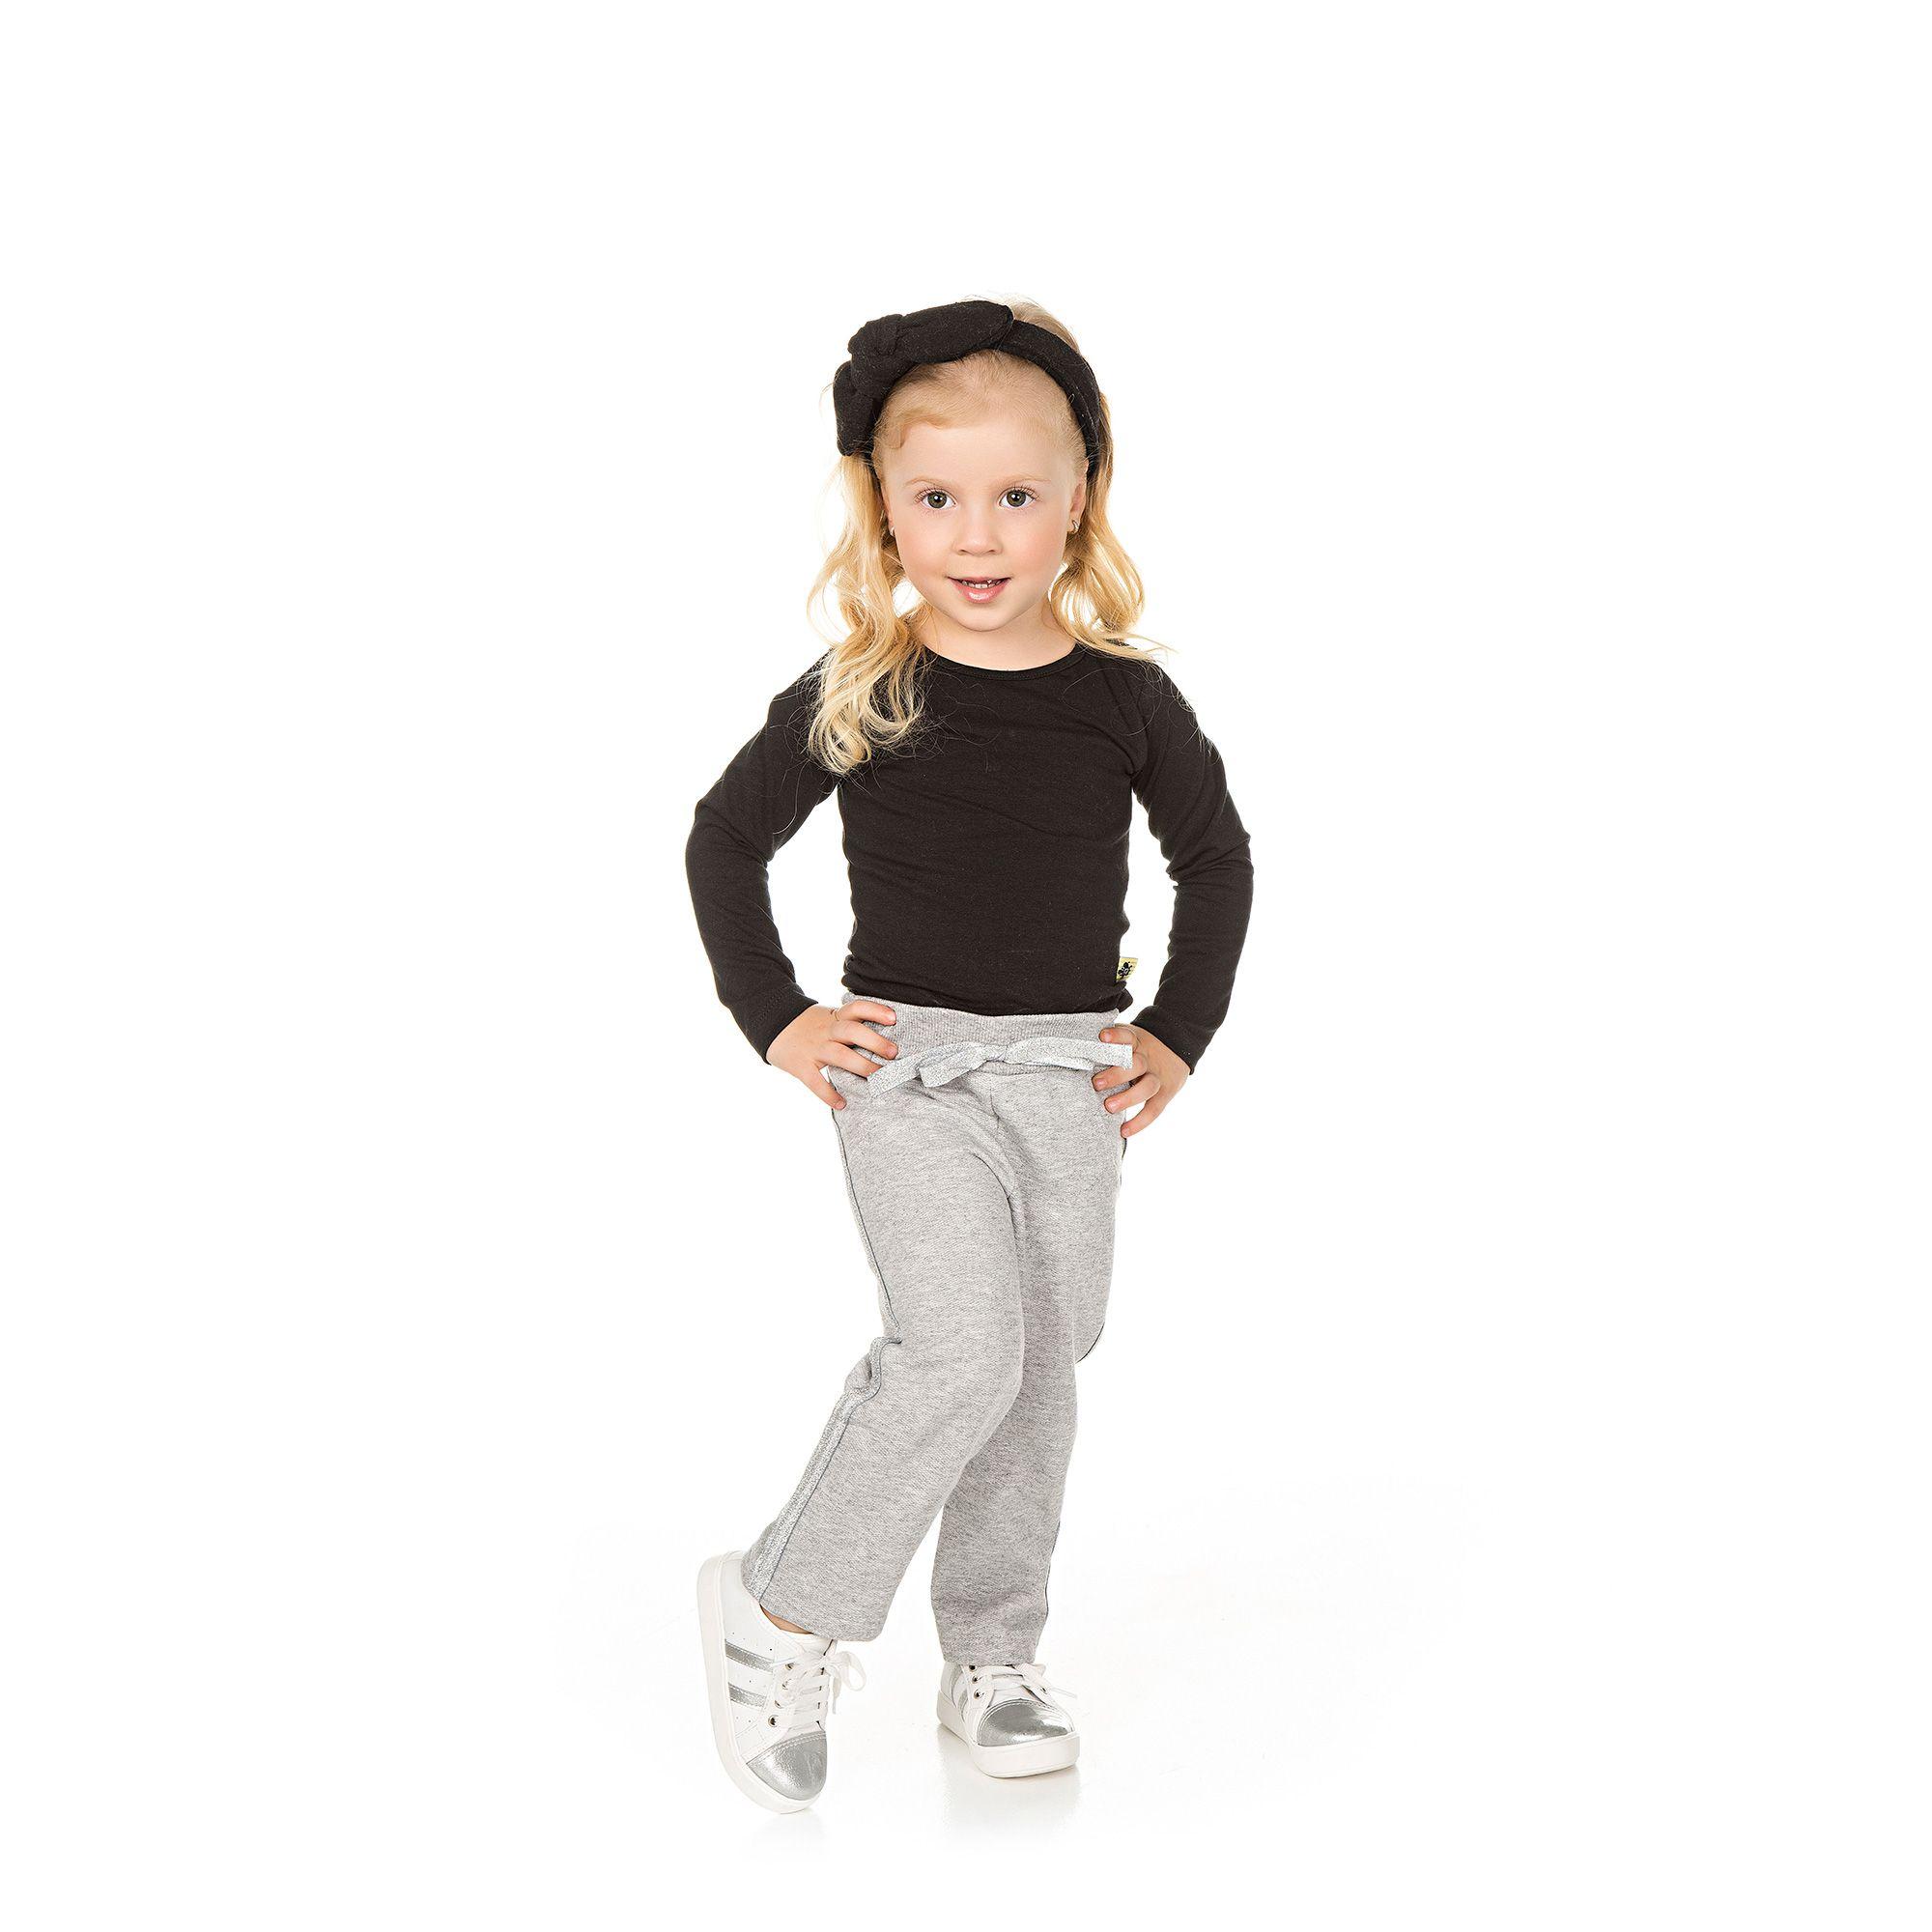 Calça de Moletom Infantil - Ref 4964 - Mescla